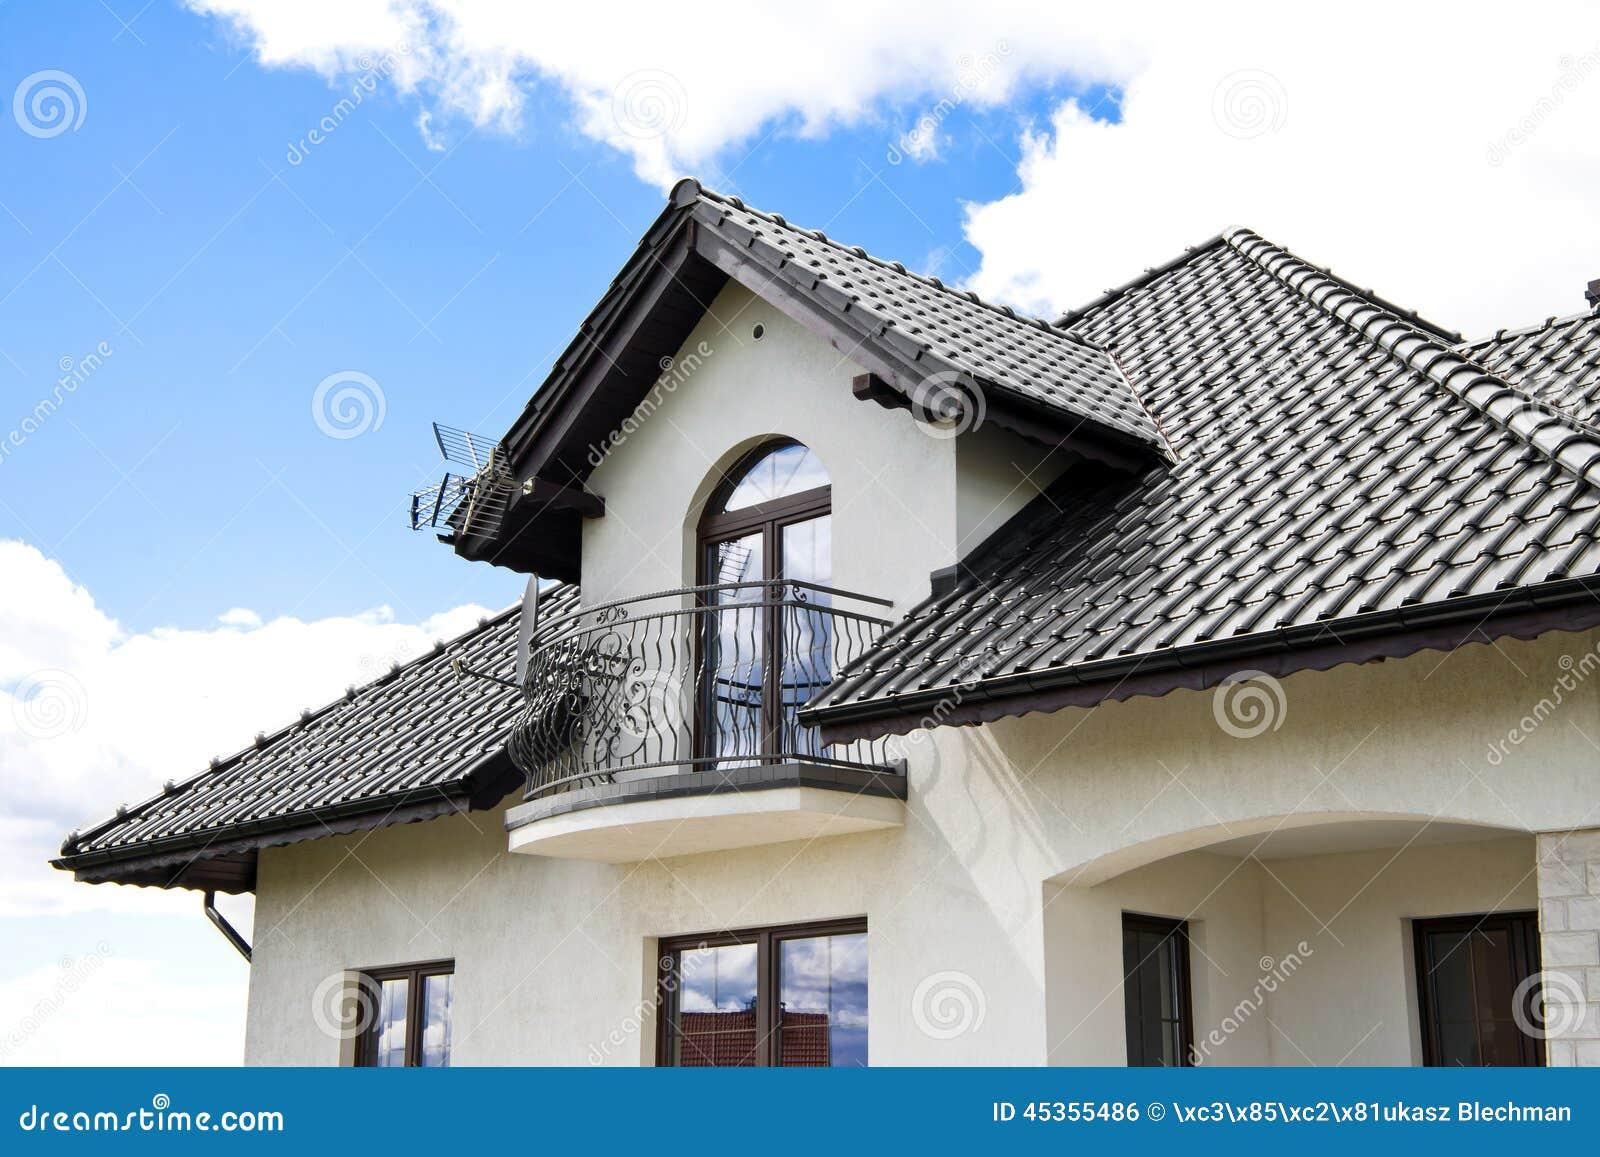 Casa con un tejado moderno foto de archivo imagen de pa s - Tipos de tejados para casas ...